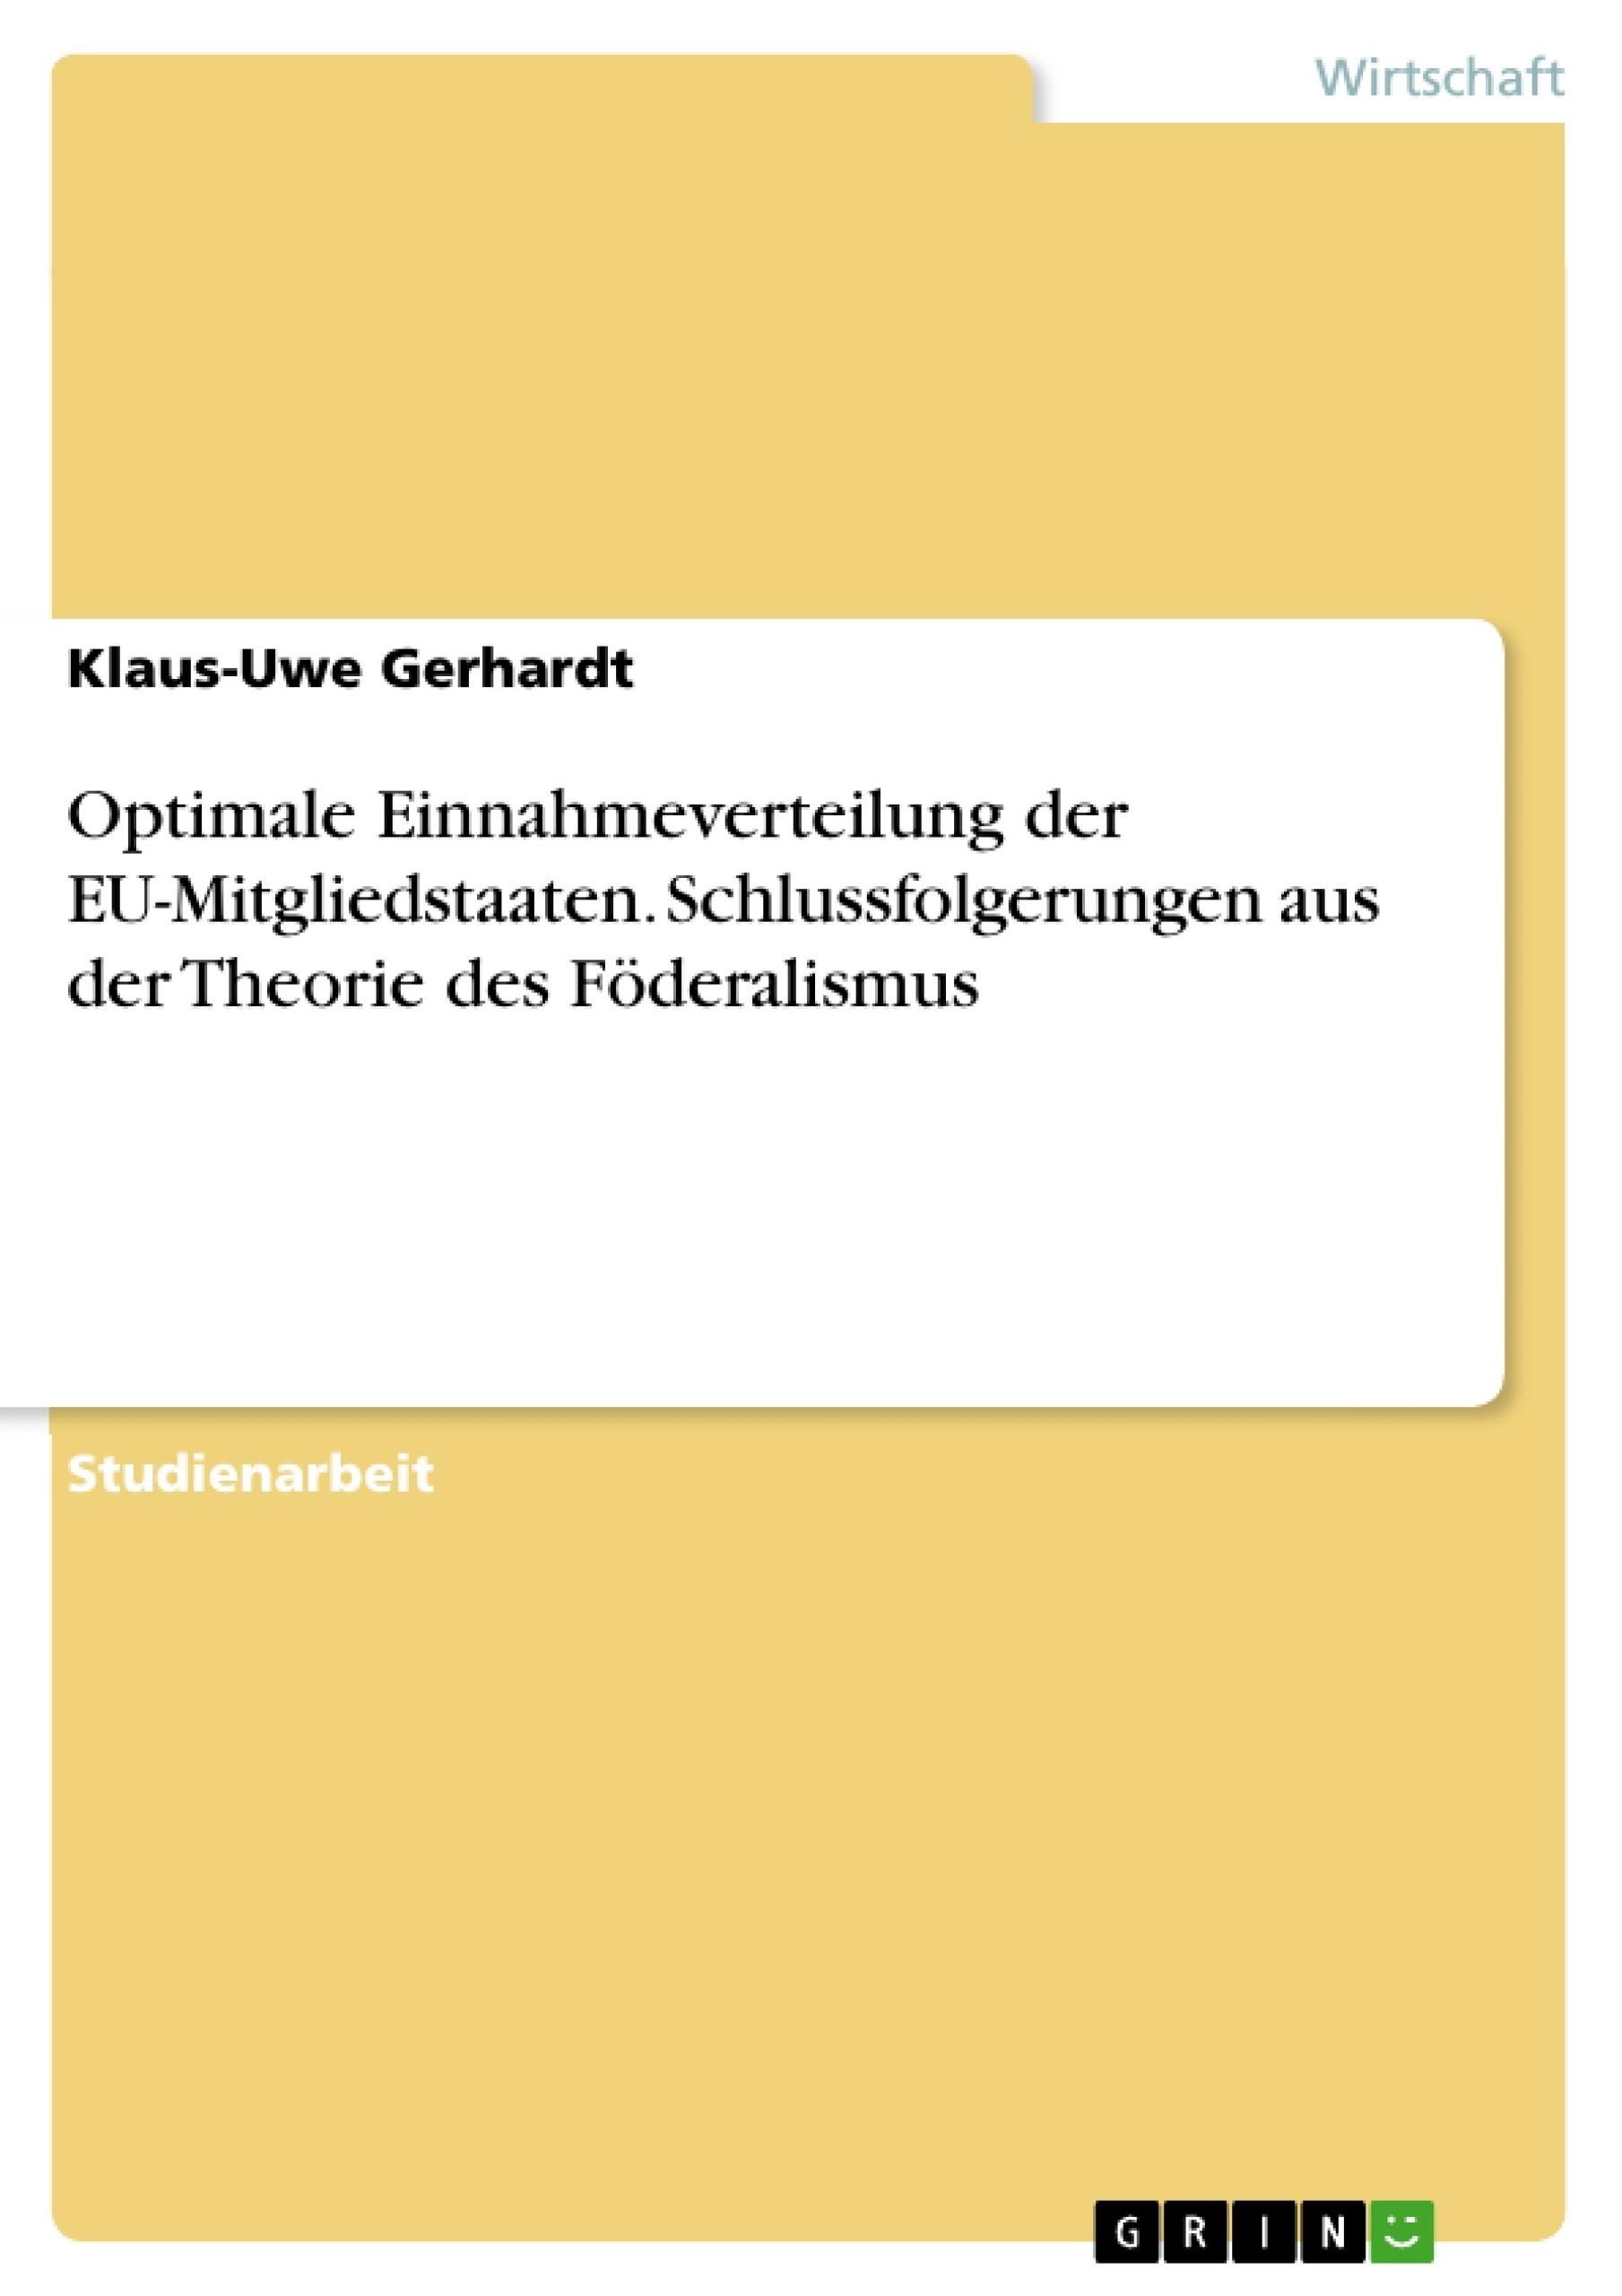 Titel: Optimale Einnahmeverteilung der EU-Mitgliedstaaten. Schlussfolgerungen aus der Theorie des Föderalismus